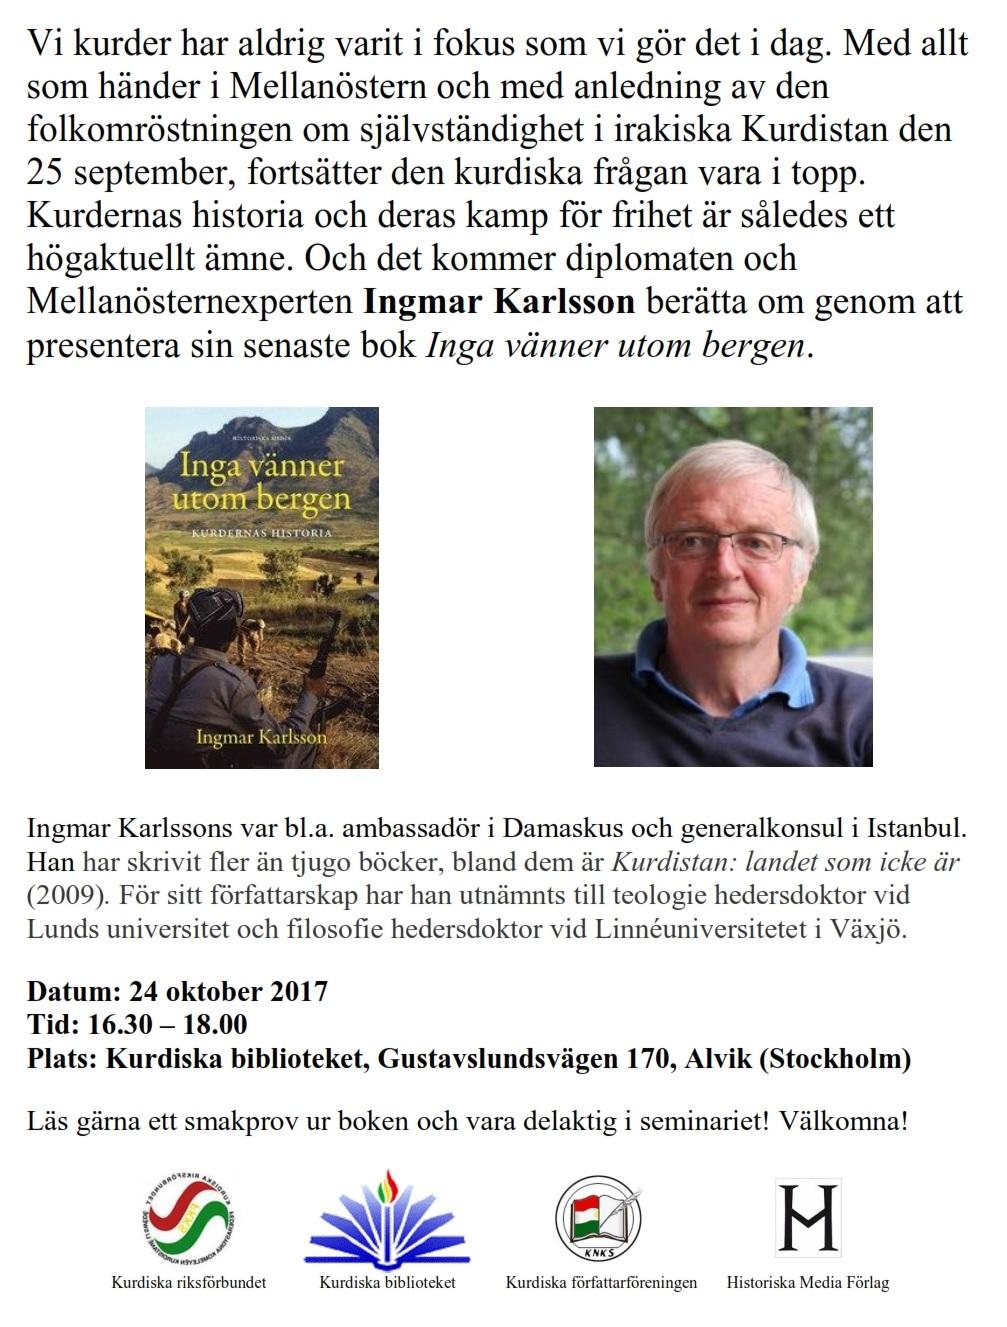 ingmar_karlsson